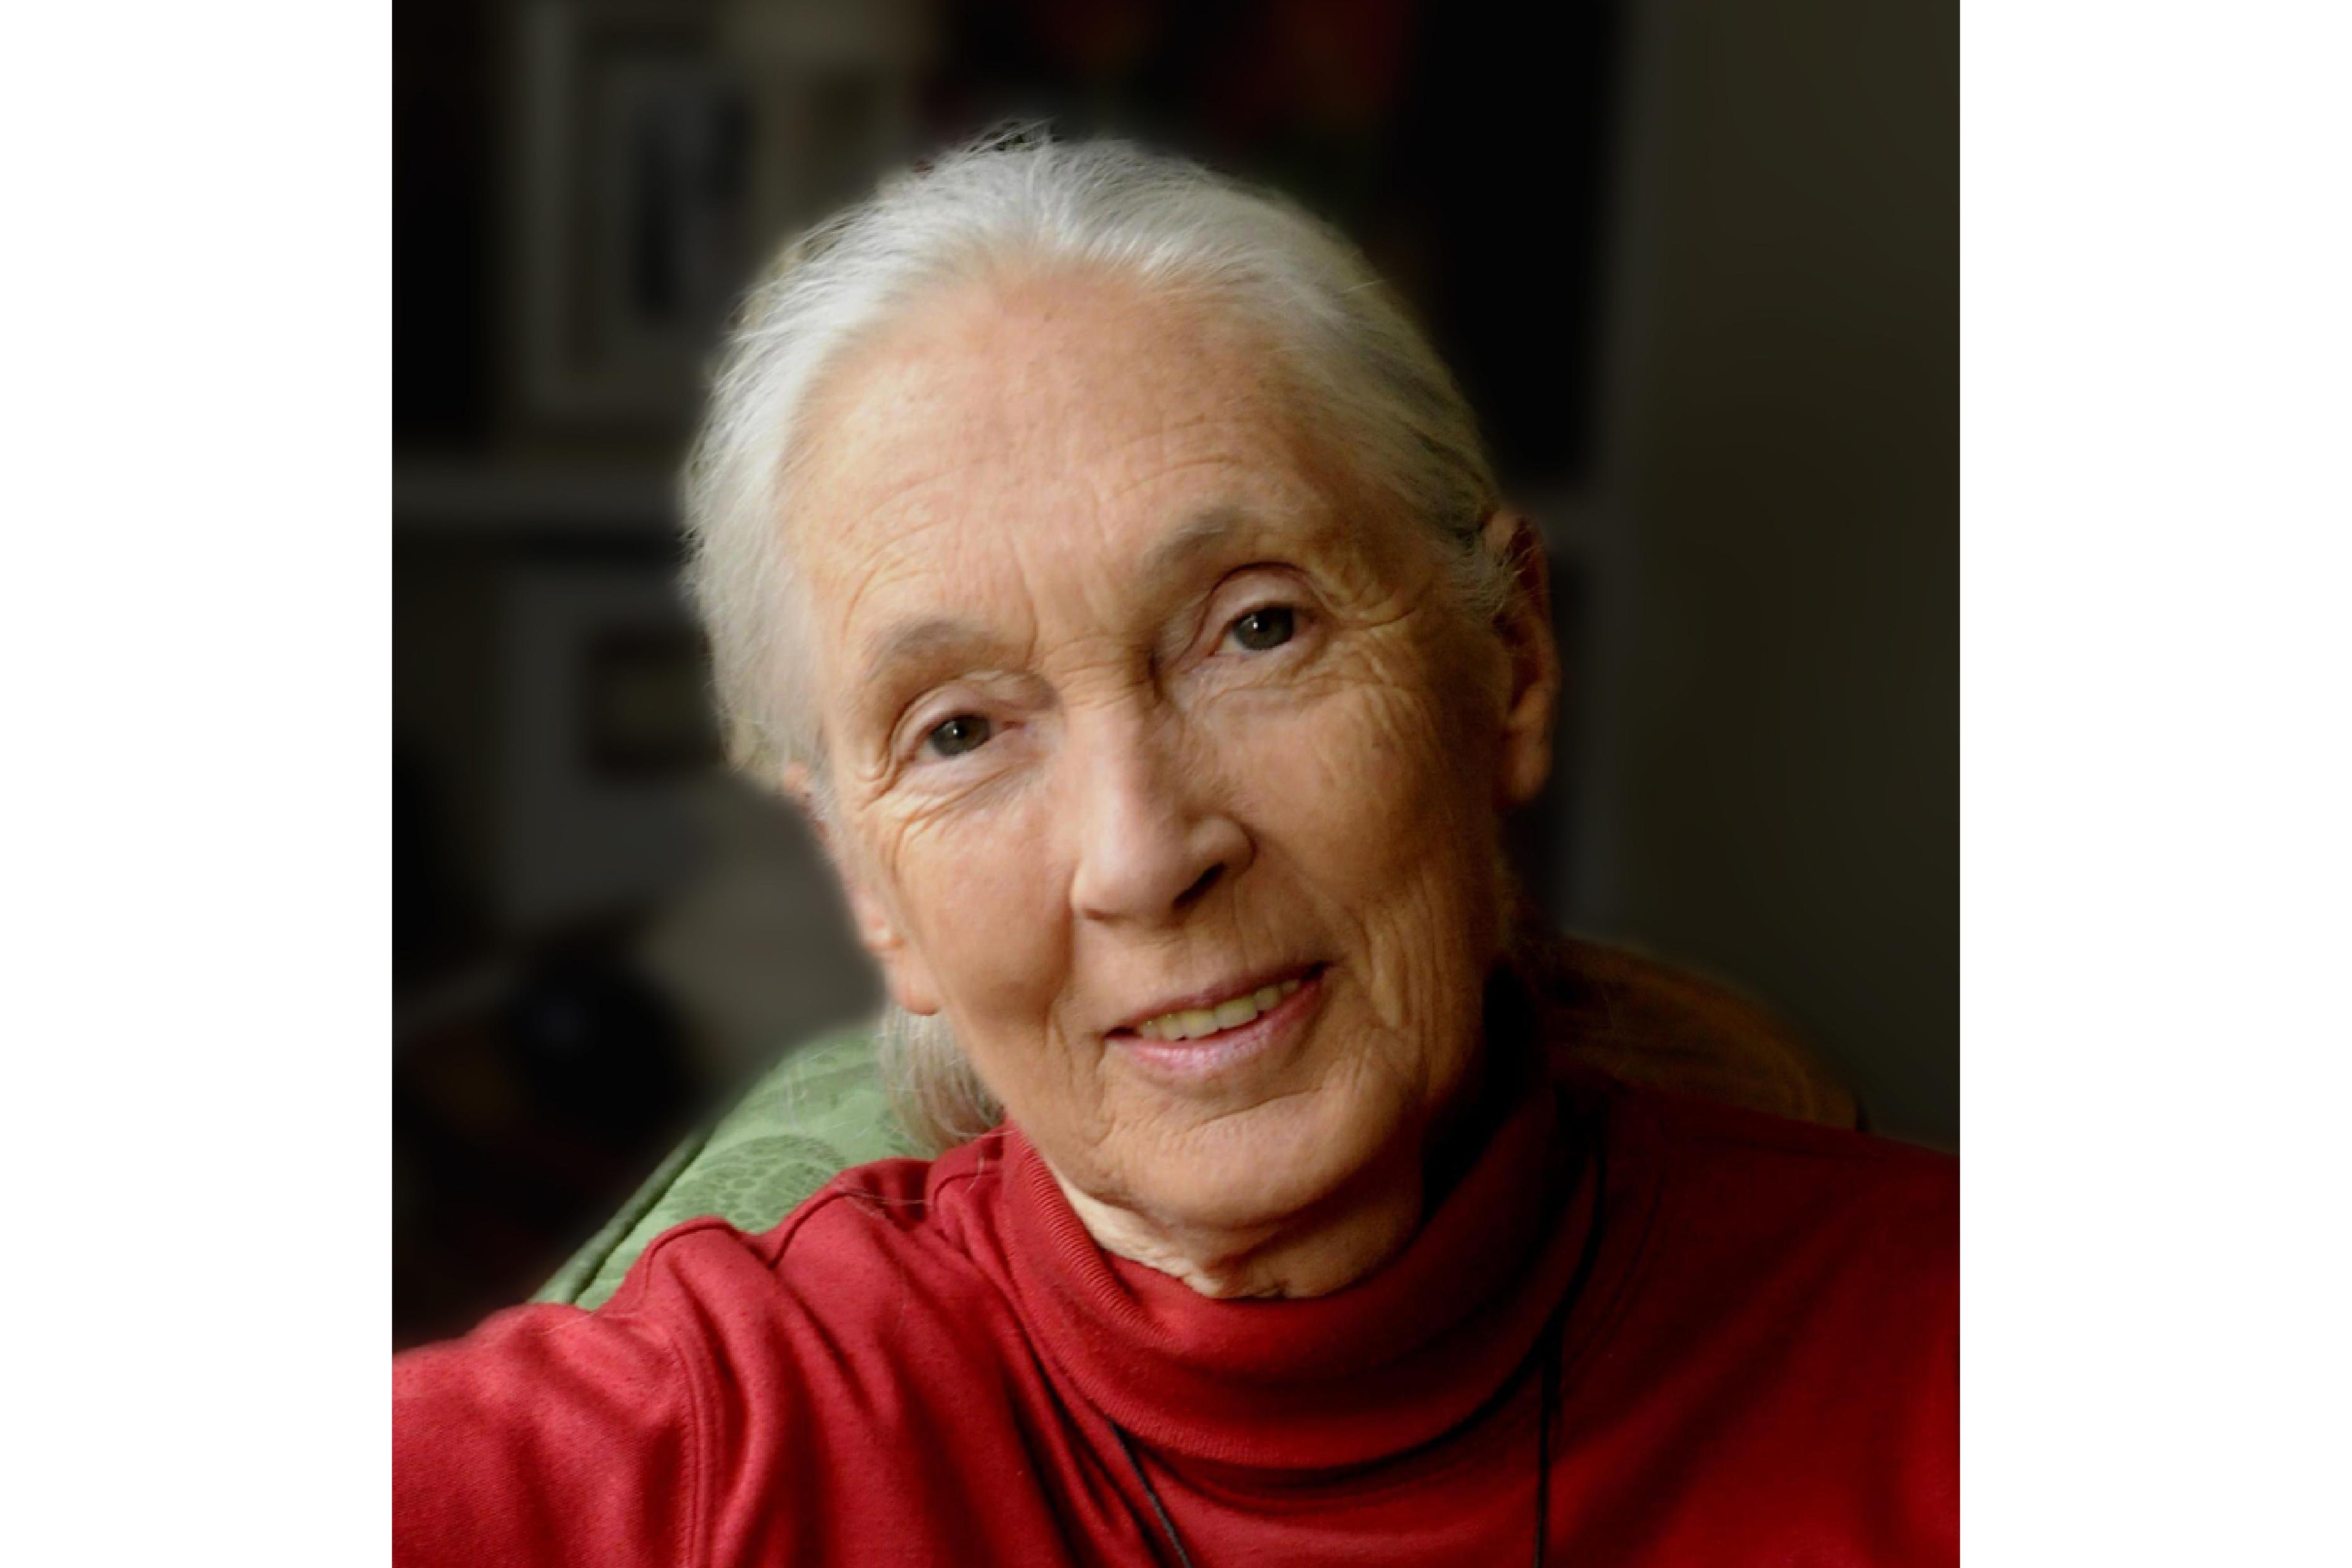 Jane Goodall, PhD, DBE